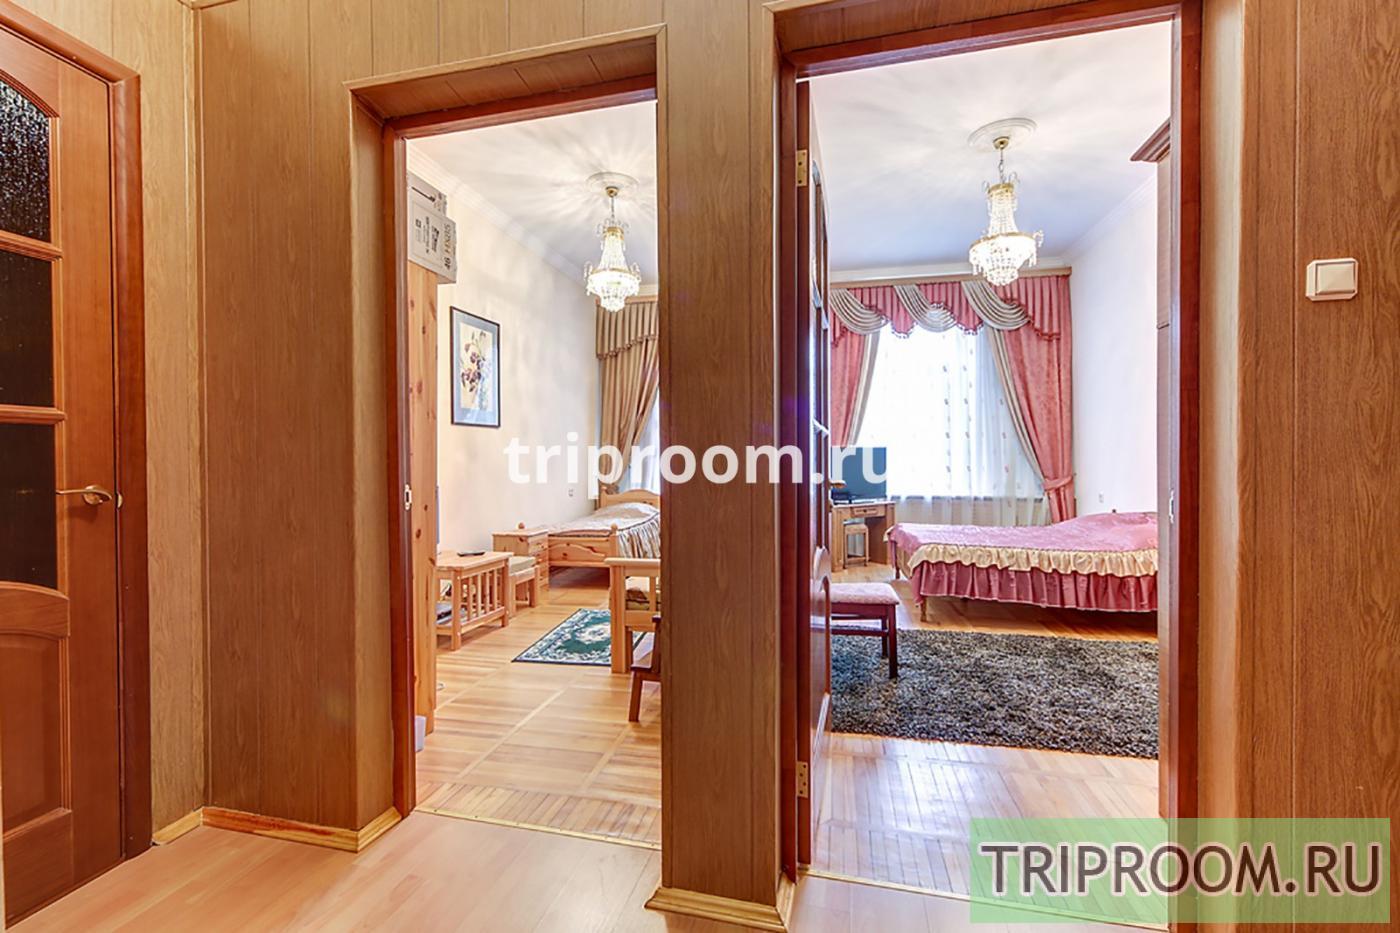 4-комнатная квартира посуточно (вариант № 20160), ул. Реки Мойки набережная, фото № 14